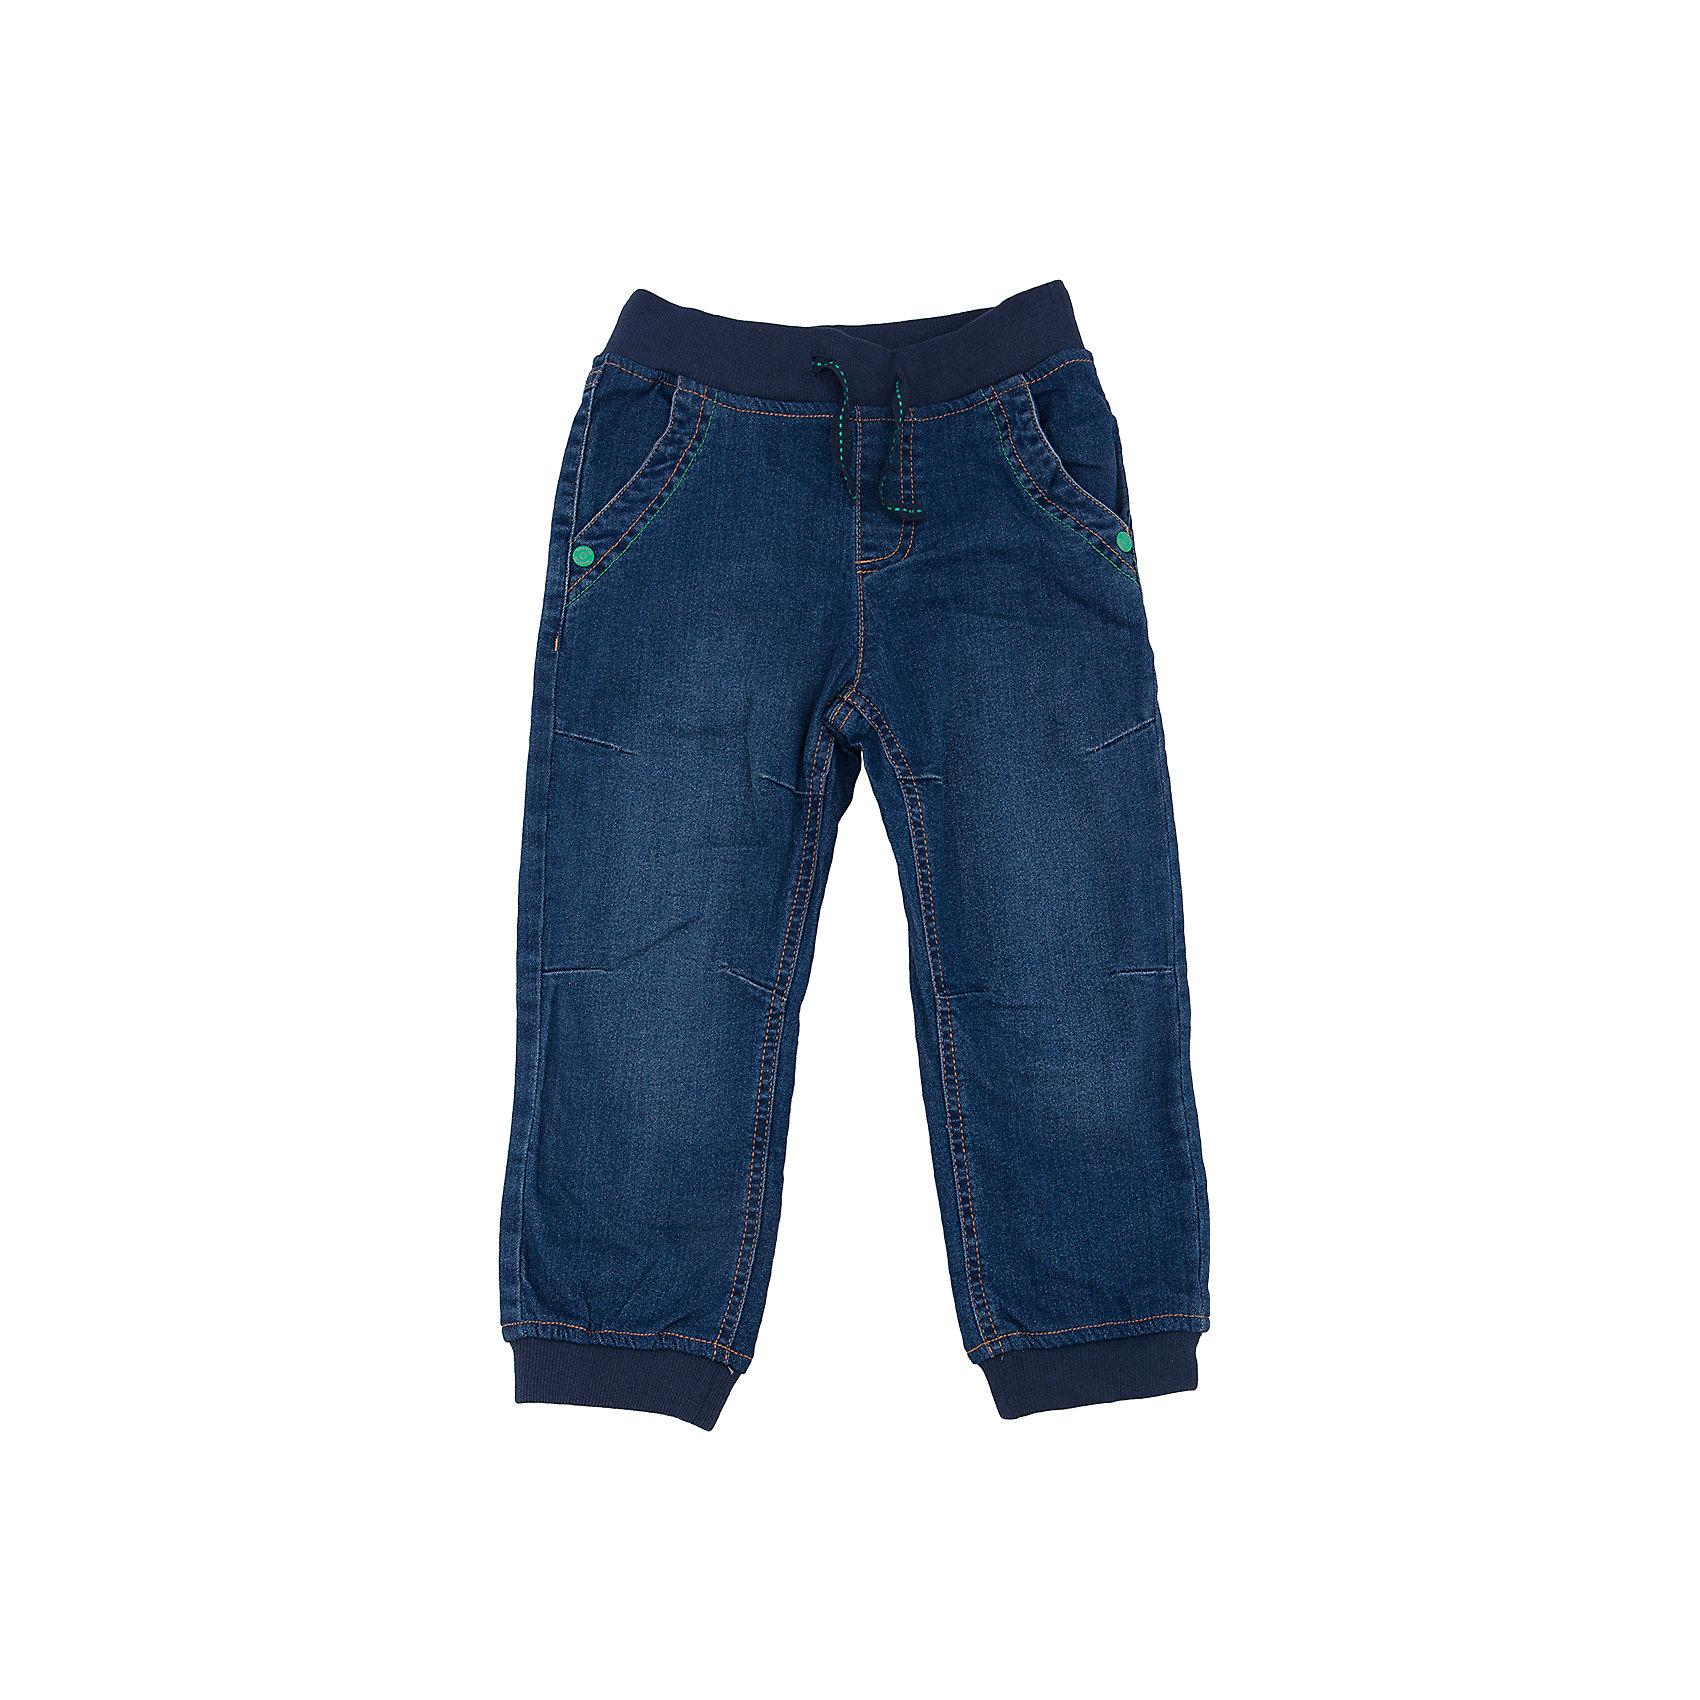 Джинсы для мальчика SELAУдобные джинсы - незаменимая вещь в детском гардеробе. Эта модель отлично сидит на ребенке, она сшита из плотного материала, натуральный хлопок не вызывает аллергии и обеспечивает ребенку комфорт. Модель станет отличной базовой вещью, которая будет уместна в различных сочетаниях.<br>Одежда от бренда Sela (Села) - это качество по приемлемым ценам. Многие российские родители уже оценили преимущества продукции этой компании и всё чаще приобретают одежду и аксессуары Sela.<br><br>Дополнительная информация:<br><br>цвет: синий;<br>материал: 80% хлопок, 17% ПЭ, 3% эластан; подкладка:100% хлопок;<br>плотный материал;<br>резинка и шнурок в поясе.<br><br>Джинсы для мальчика от бренда Sela можно купить в нашем интернет-магазине.<br><br>Ширина мм: 215<br>Глубина мм: 88<br>Высота мм: 191<br>Вес г: 336<br>Цвет: синий<br>Возраст от месяцев: 18<br>Возраст до месяцев: 24<br>Пол: Мужской<br>Возраст: Детский<br>Размер: 92,116,110,104,98<br>SKU: 5008884